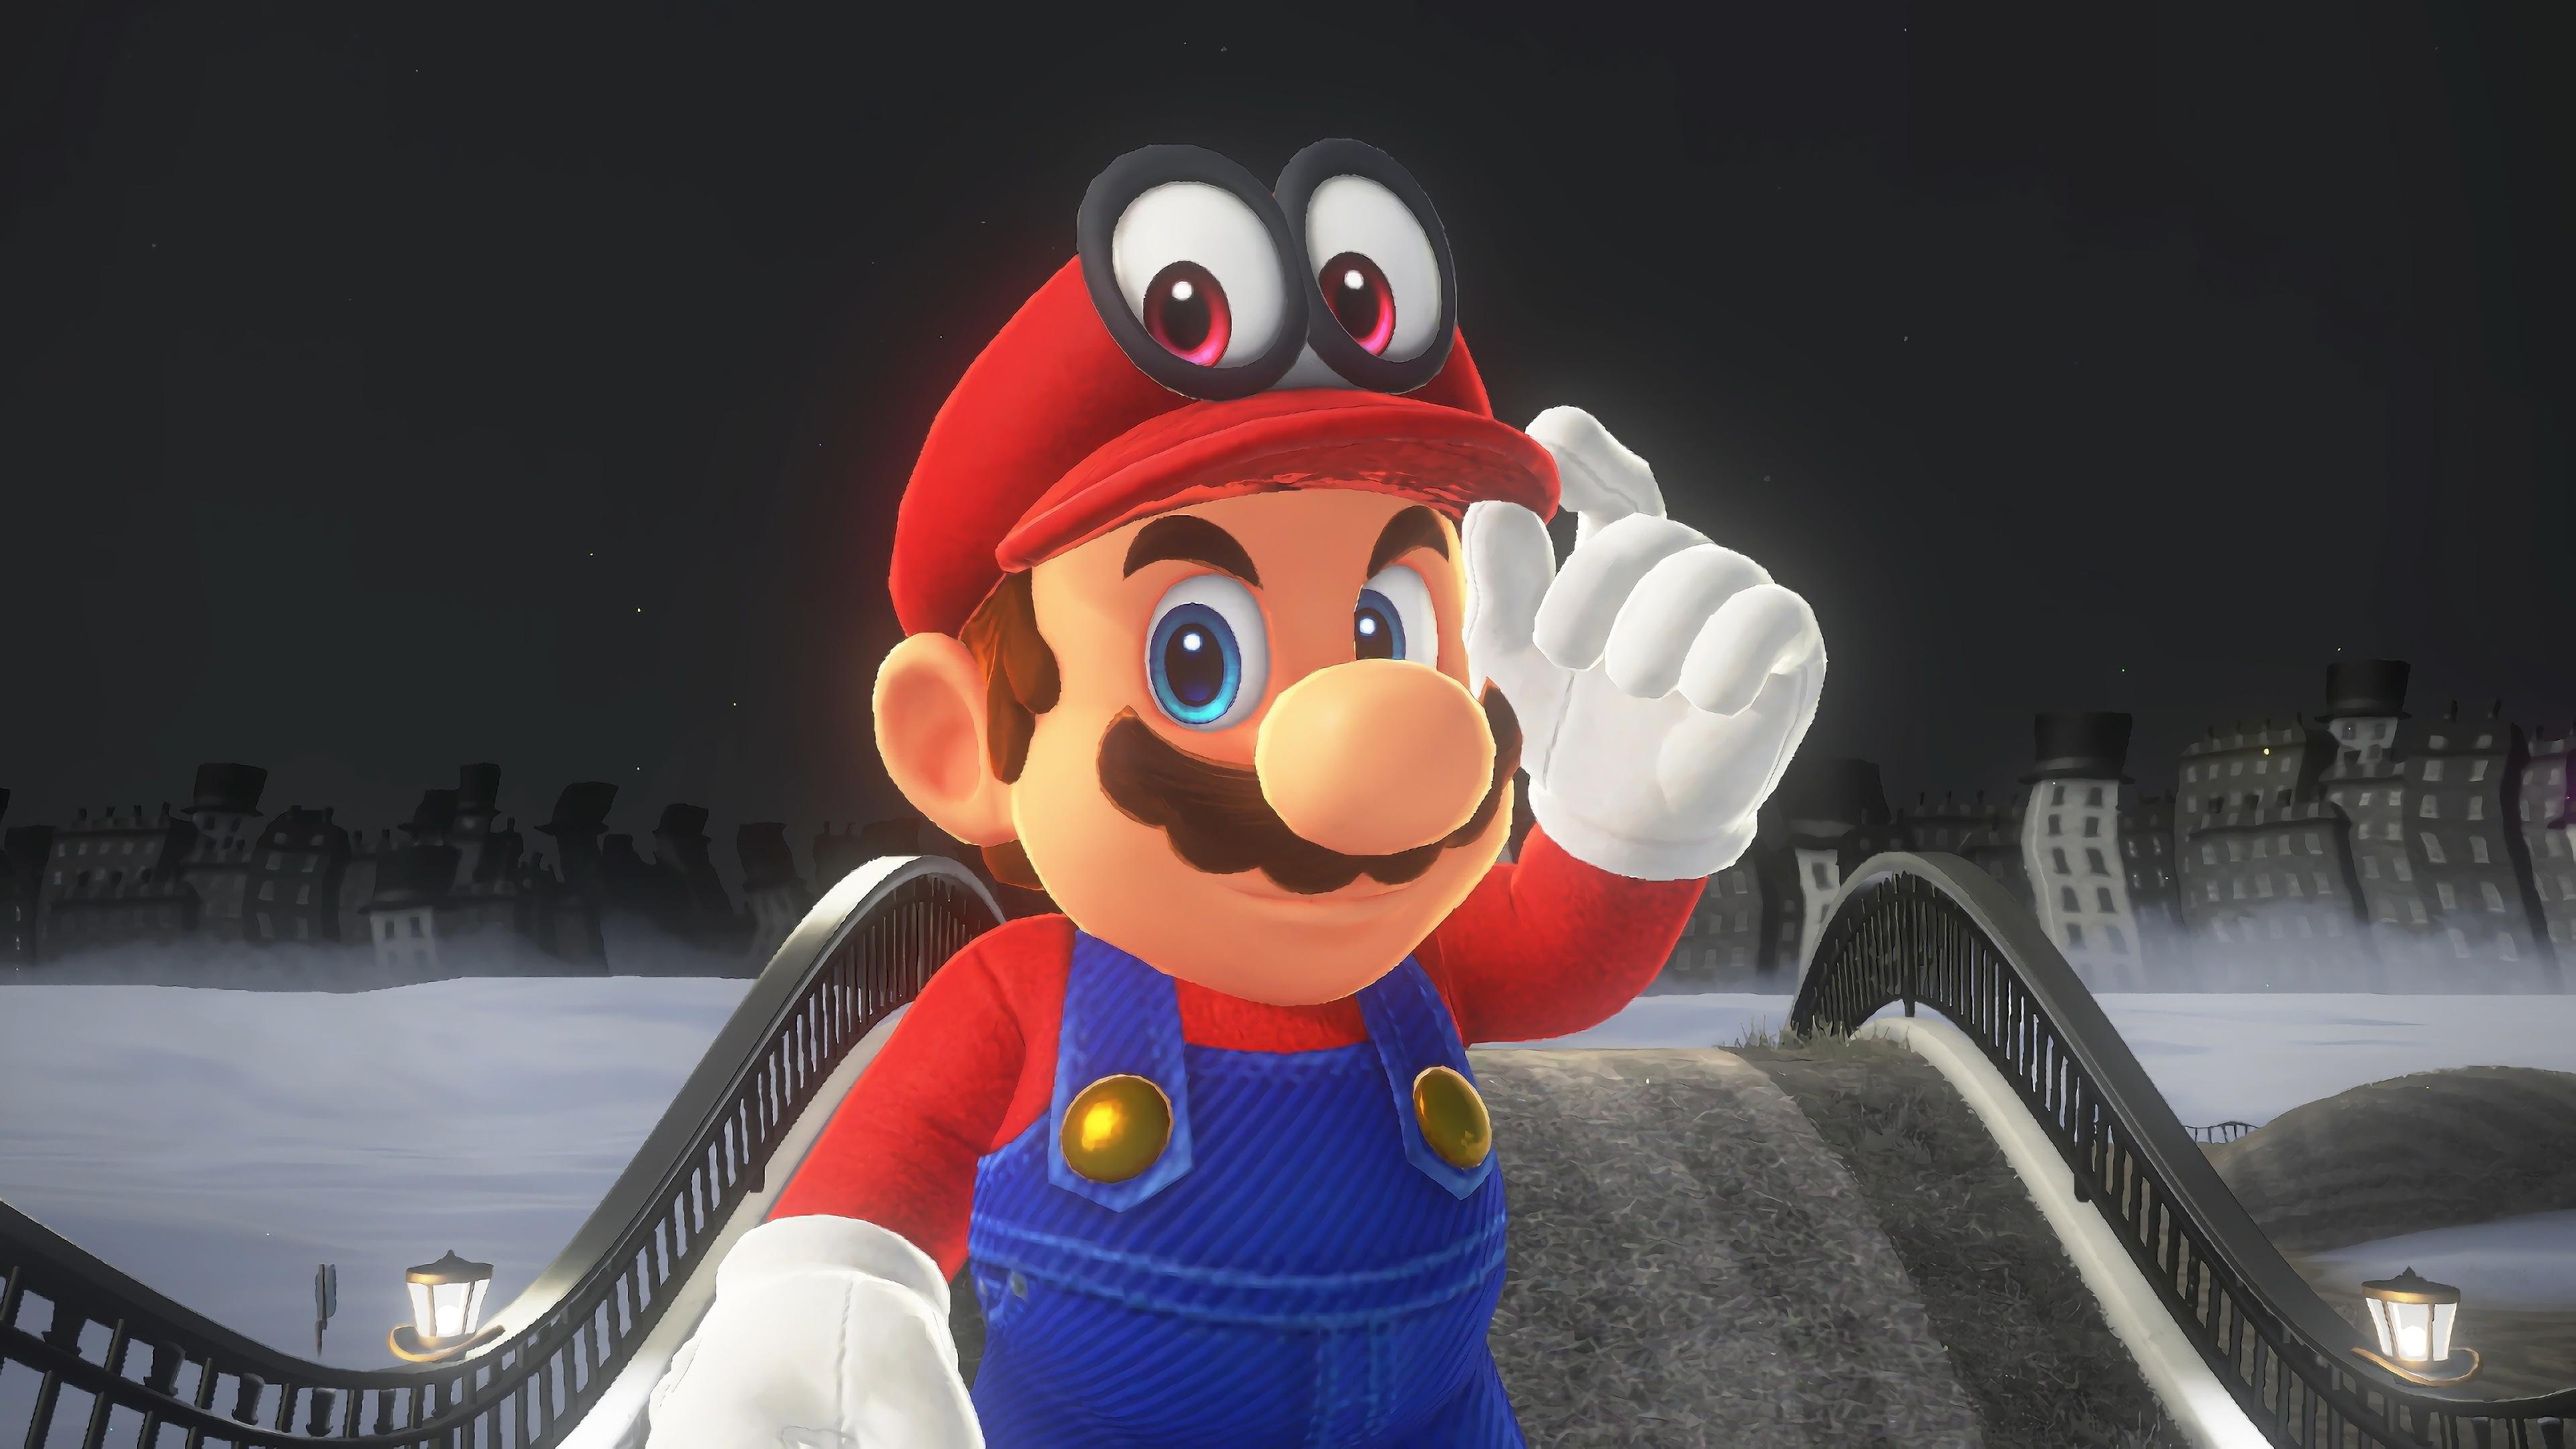 Super Mario Odyssey Mario Cappy Wallpaper 4k Ultra Hd